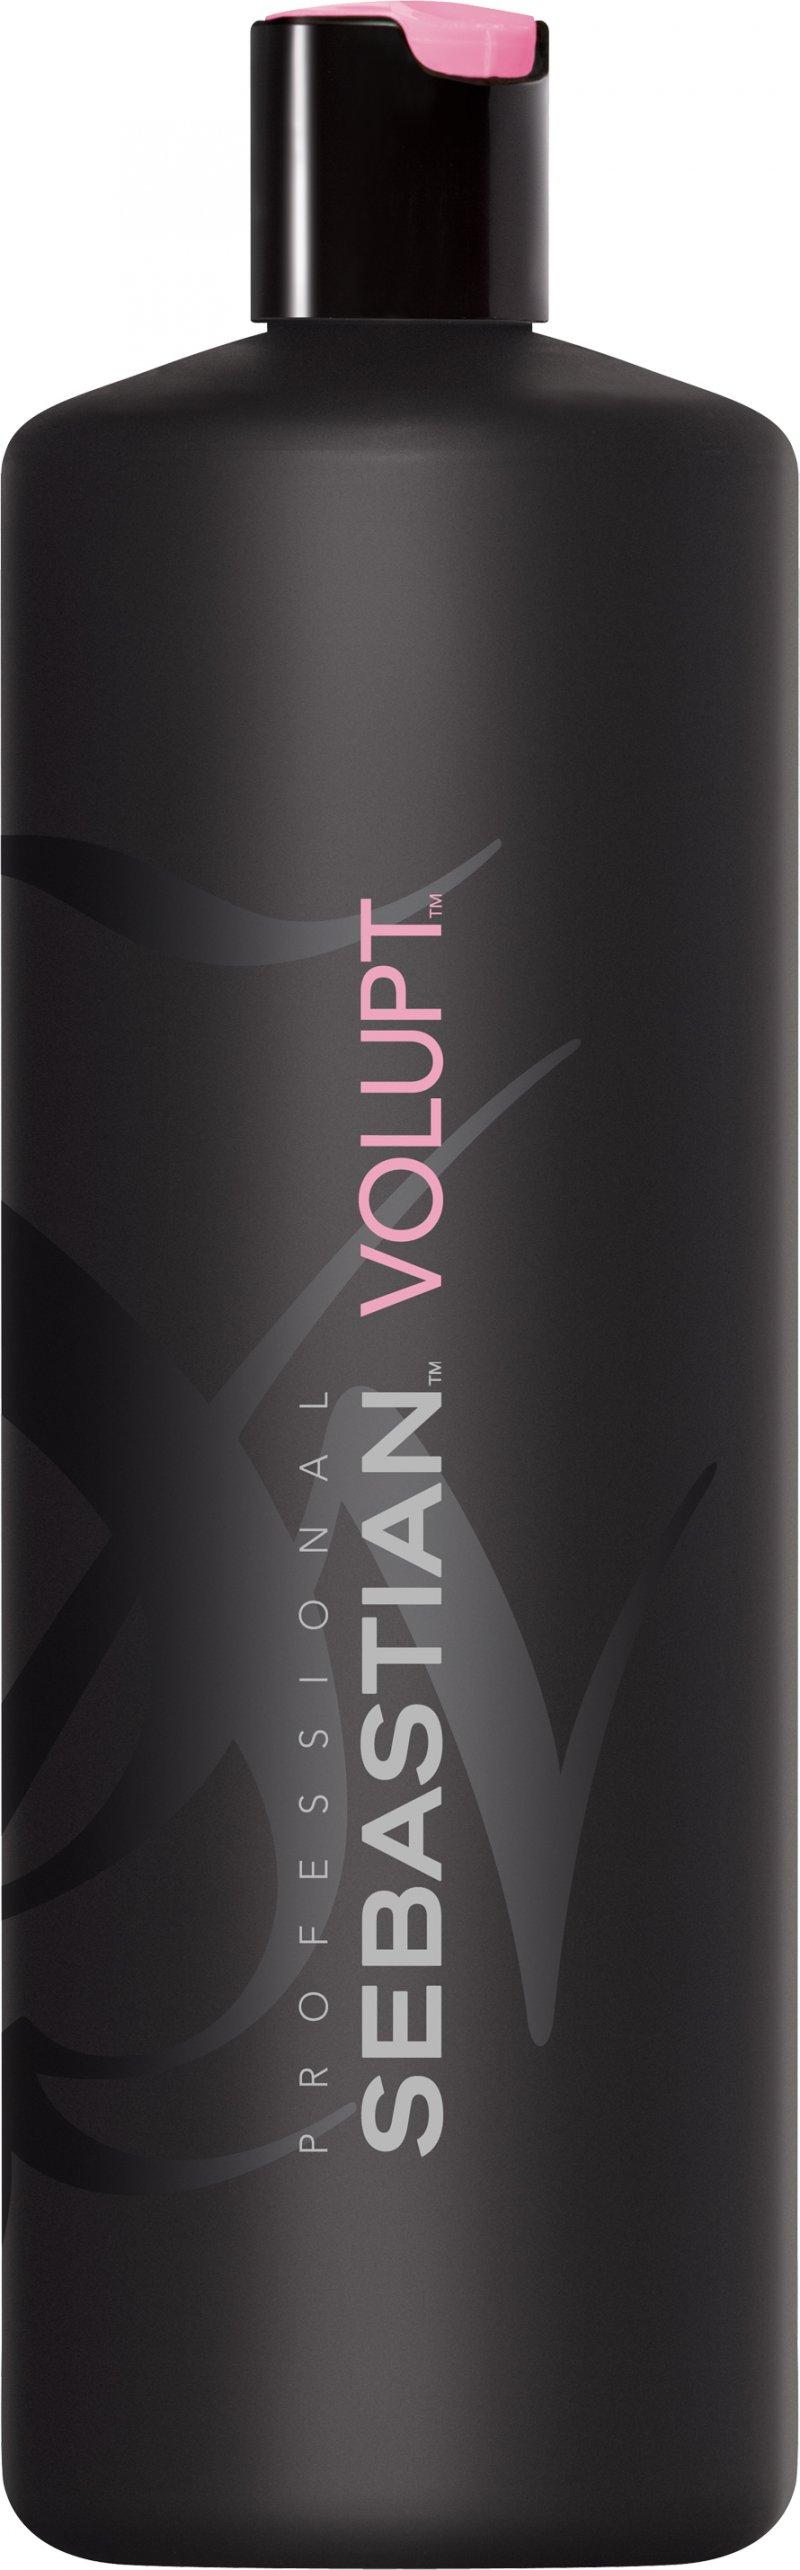 Image of   Sebastian Volupt Shampoo - 1000 Ml.